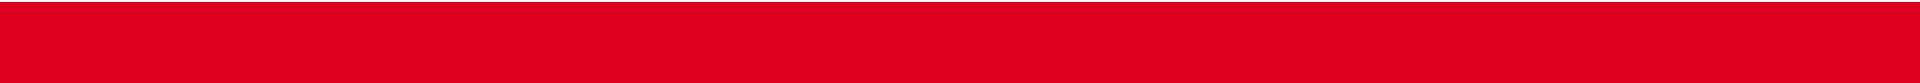 Div-Vermelha01.png